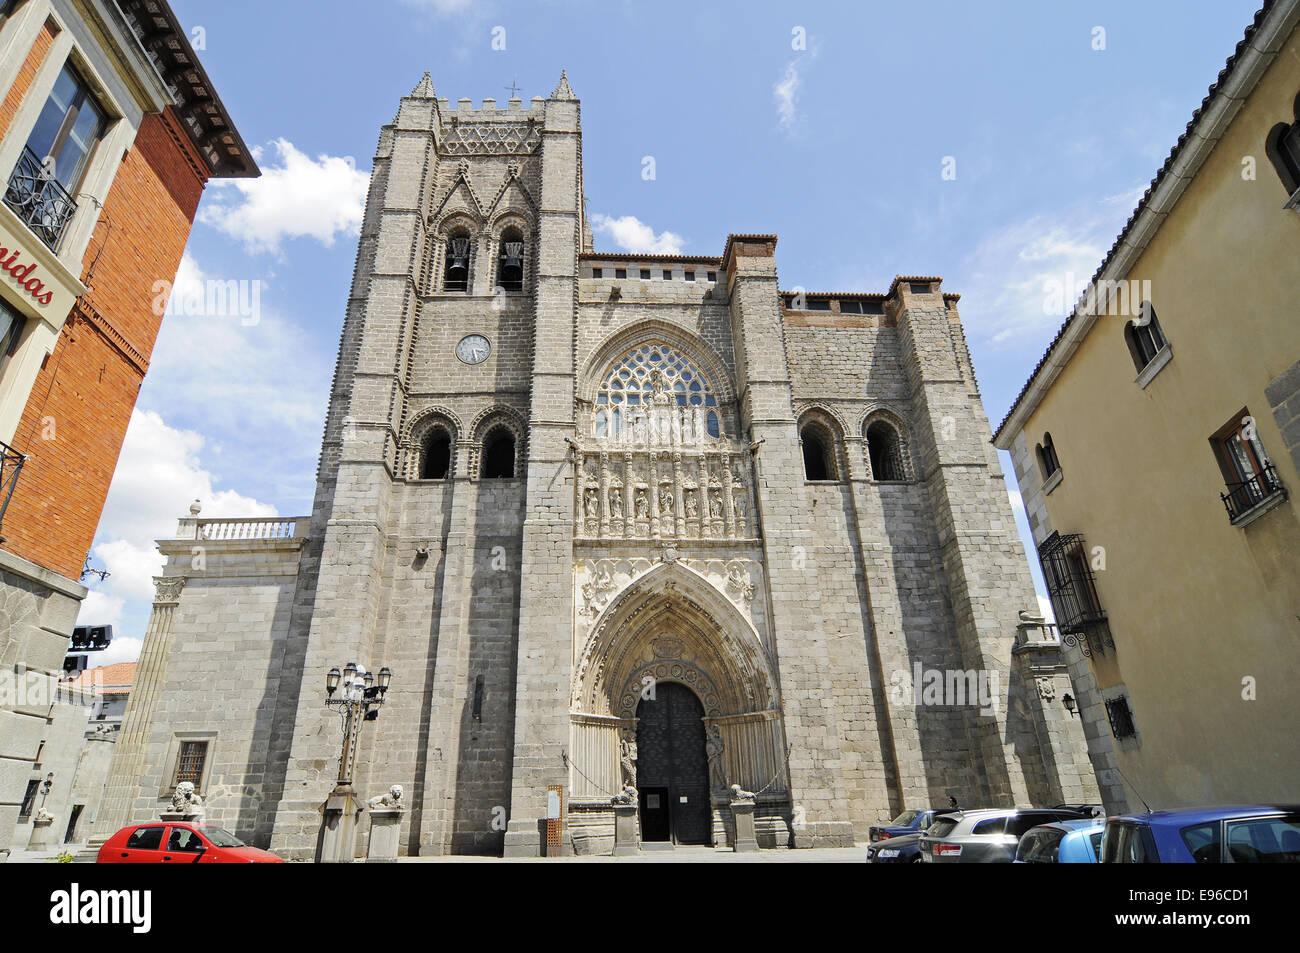 cathedral, Avila, Castile-Leon, Spain - Stock Image